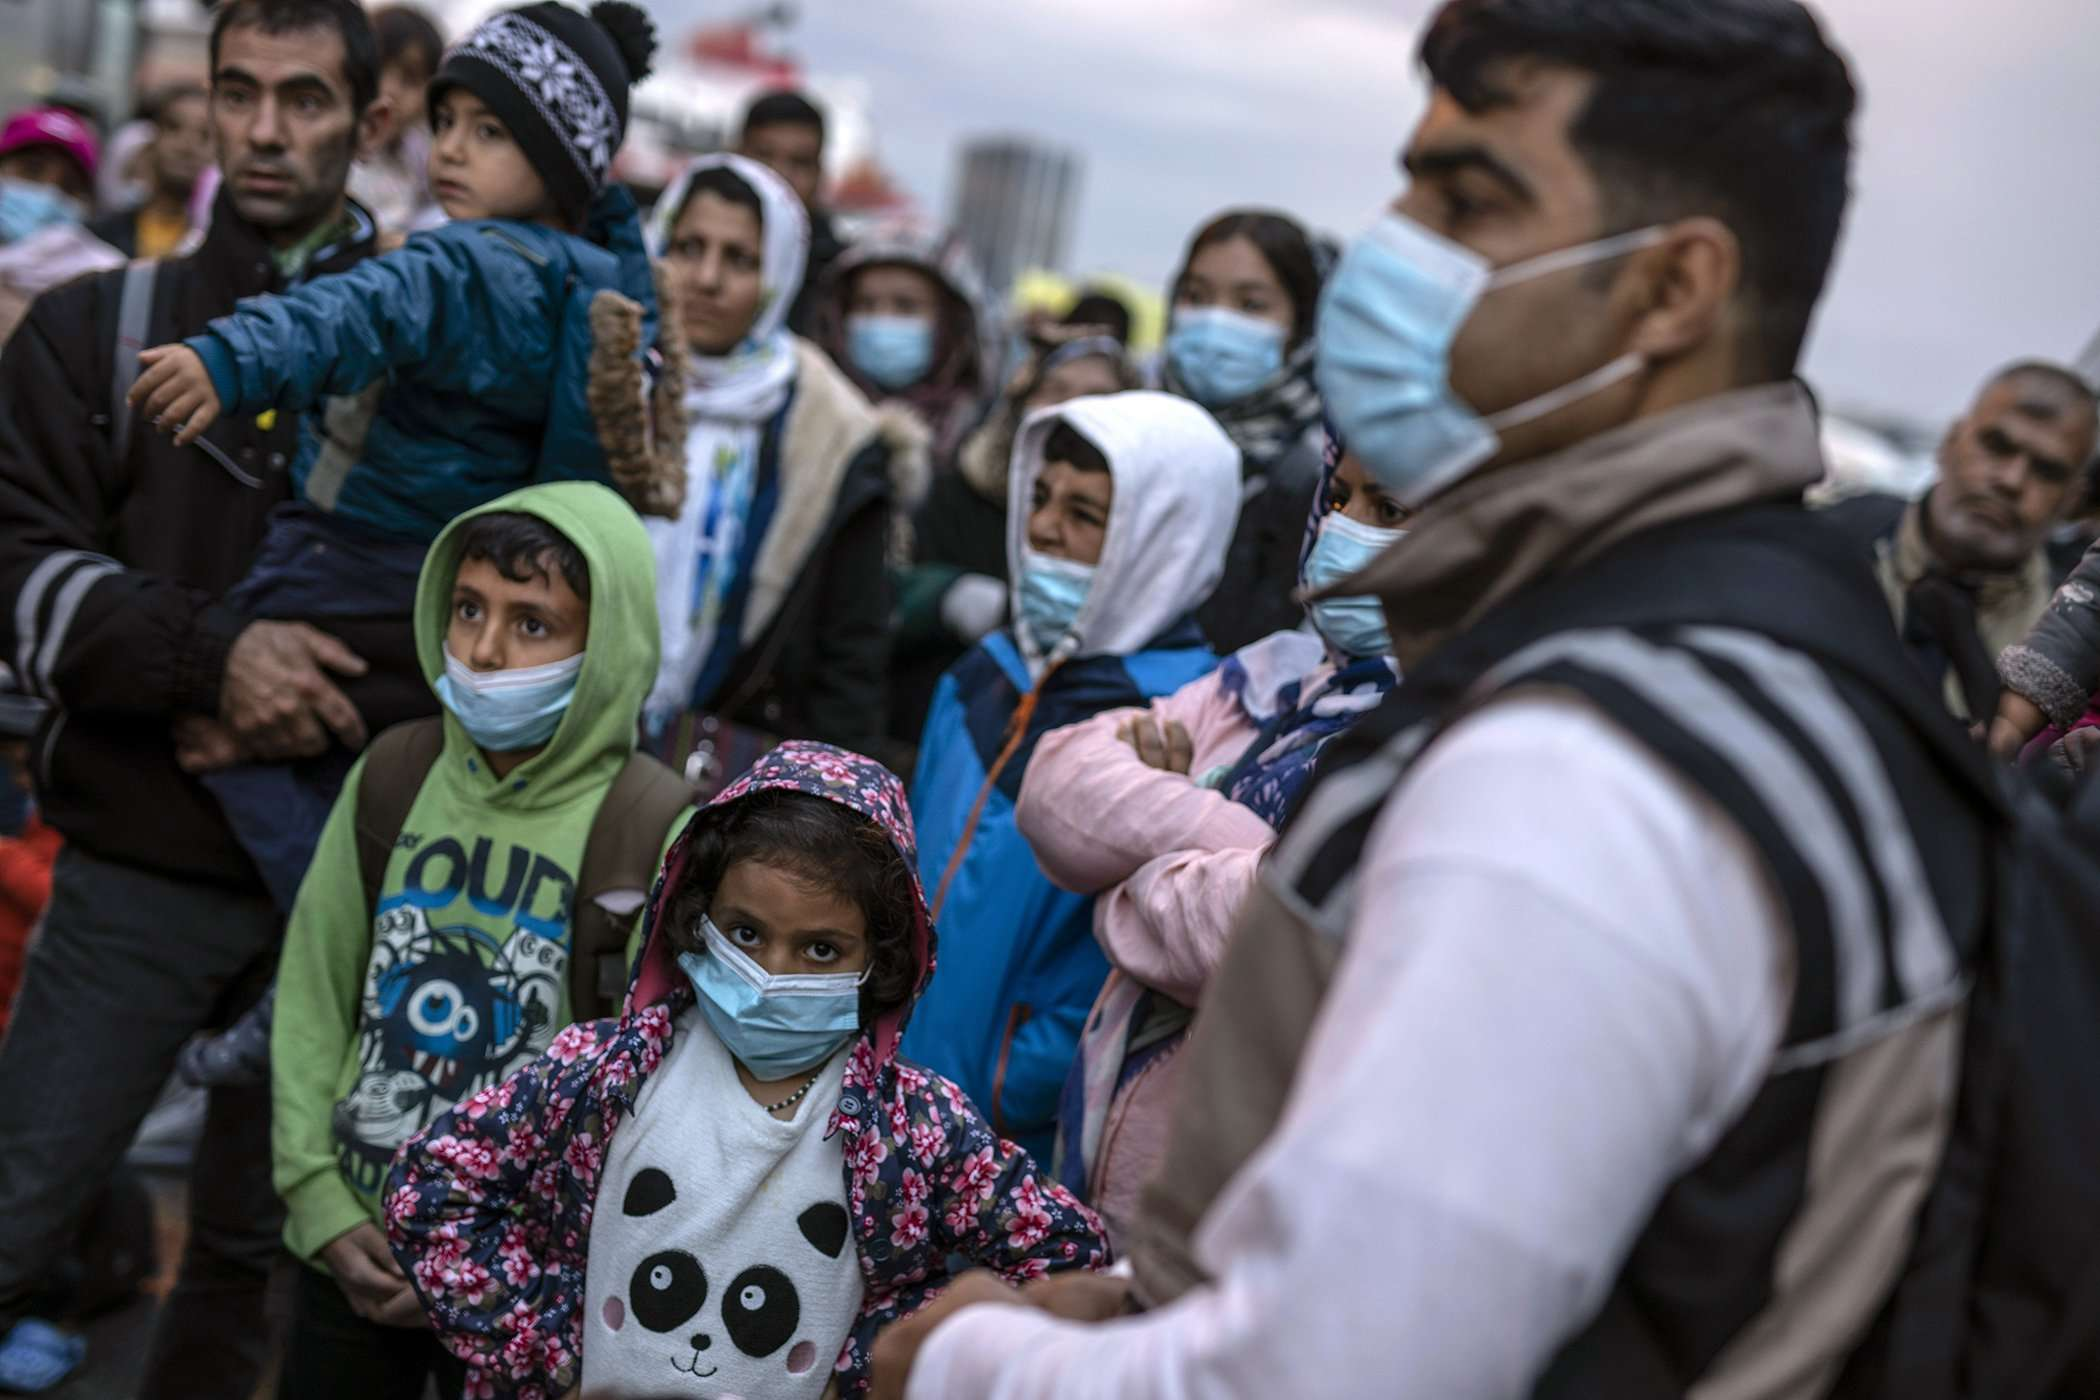 وزير الهجرة السويدي يؤكد للأورومتوسطي تعزيز تدابير حماية طالبي اللجوء في أزمة كورونا